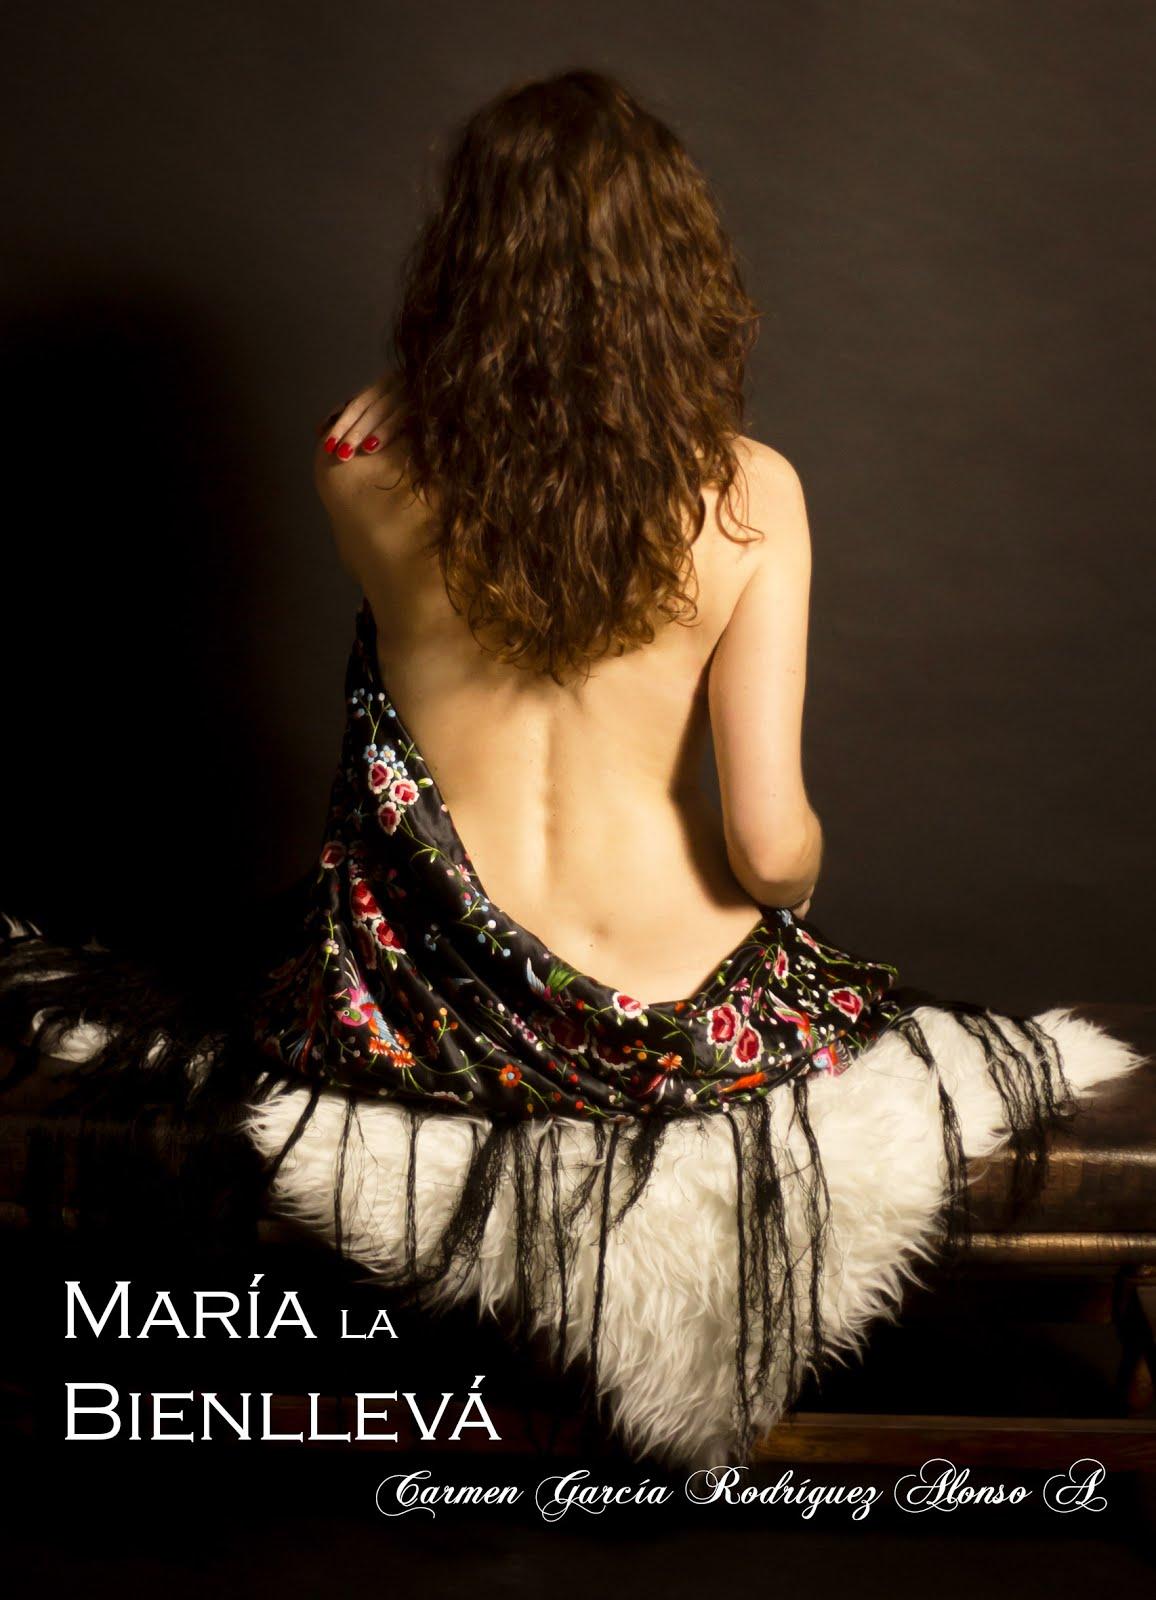 María la Bienllevá